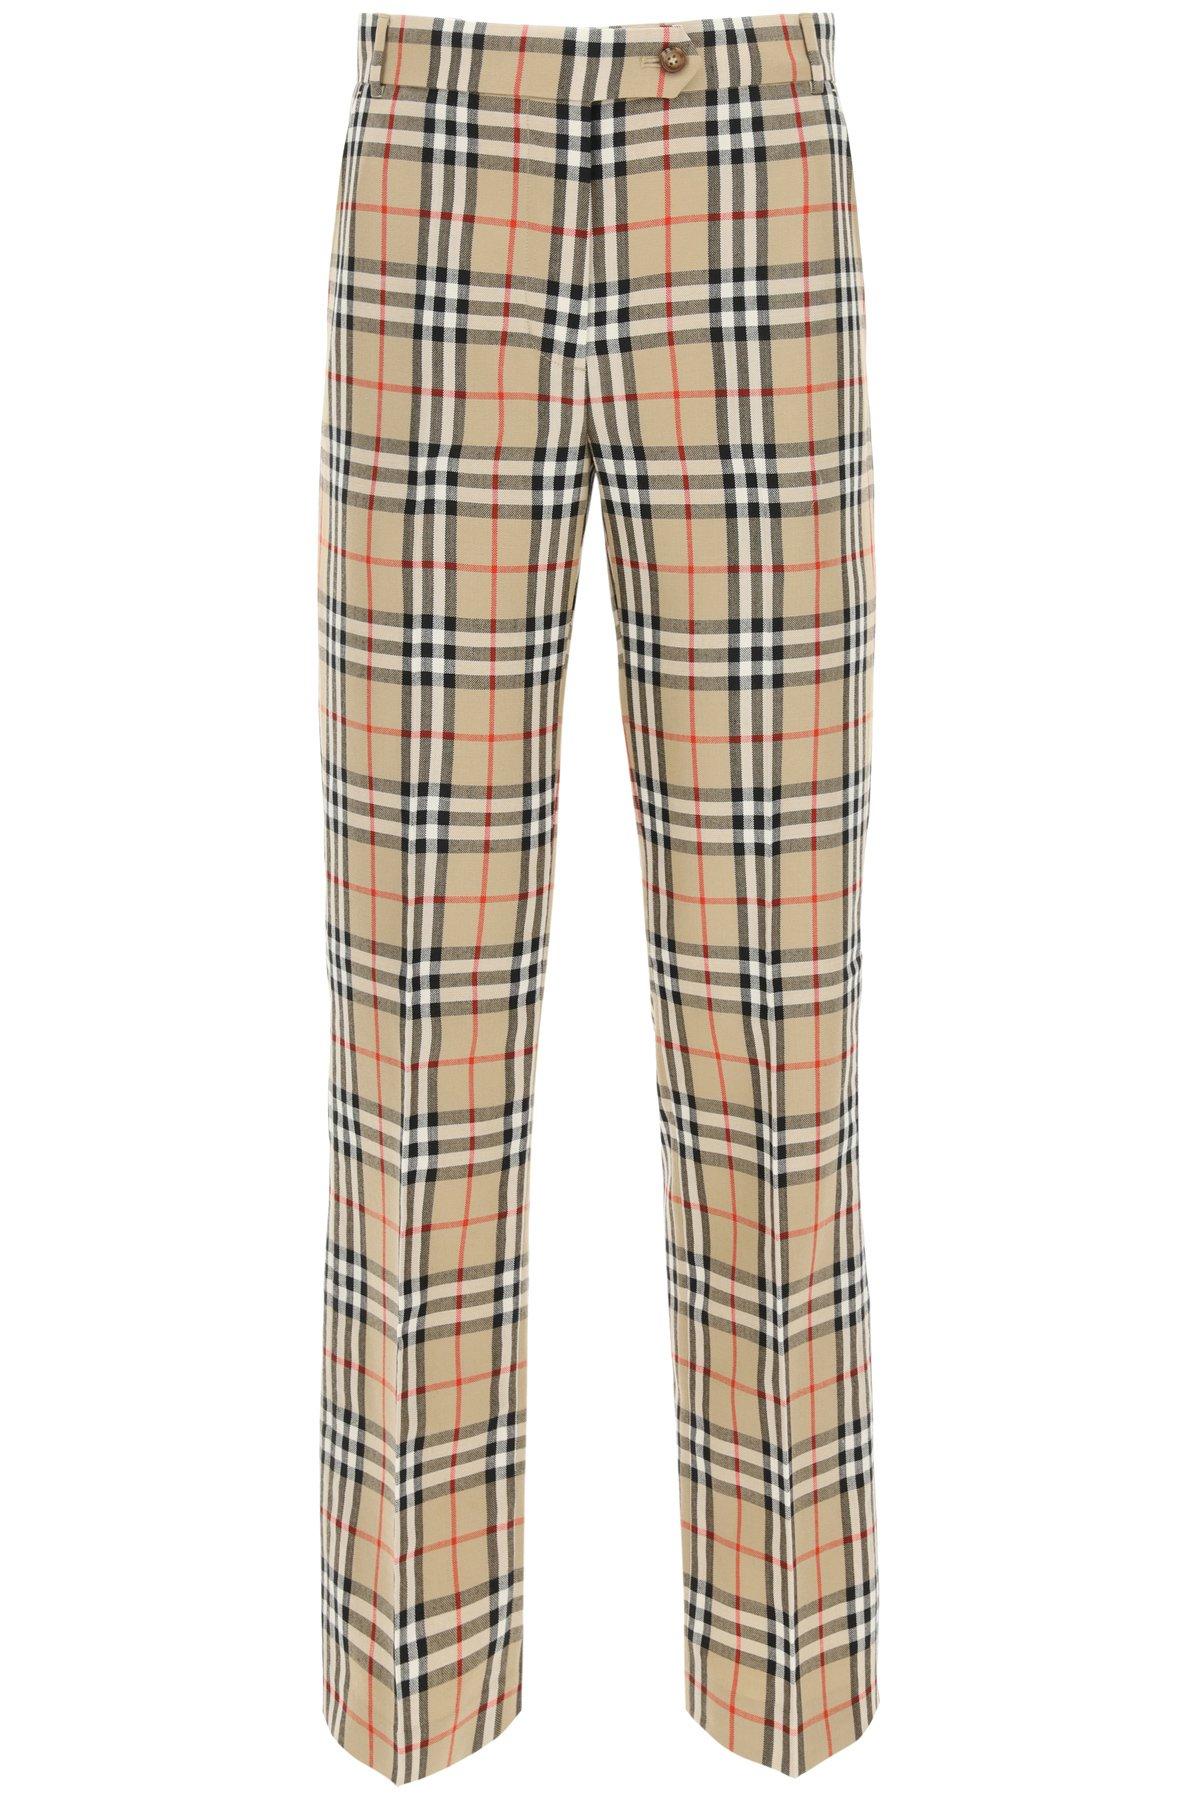 Burberry pantaloni fleur vintage check